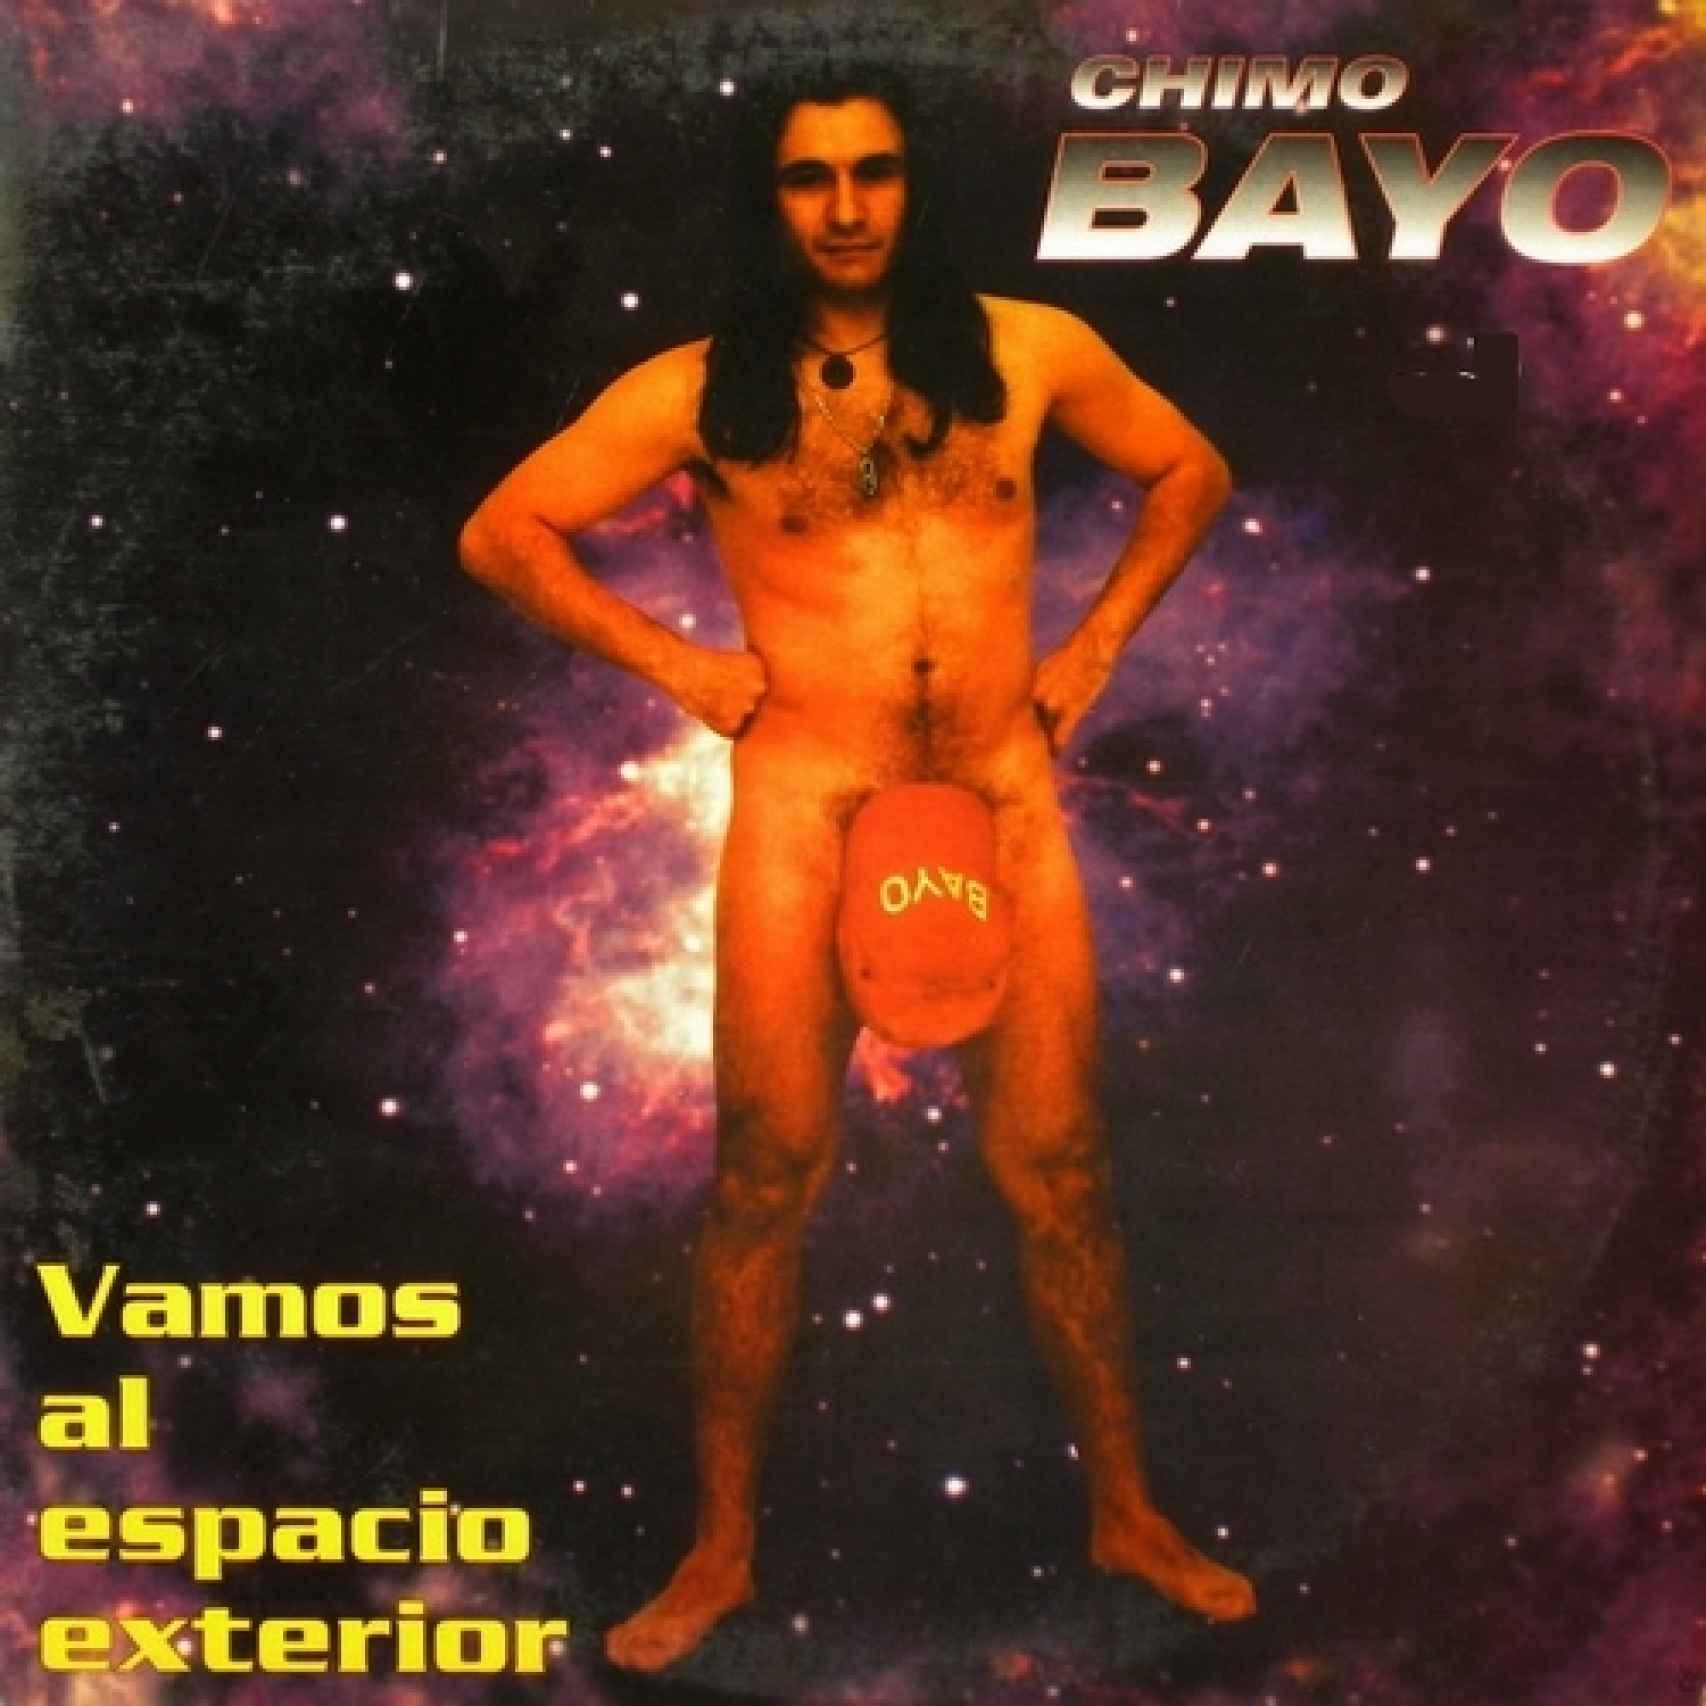 Portada del disco de Chimo Bayo Vamos al espacio exterior.